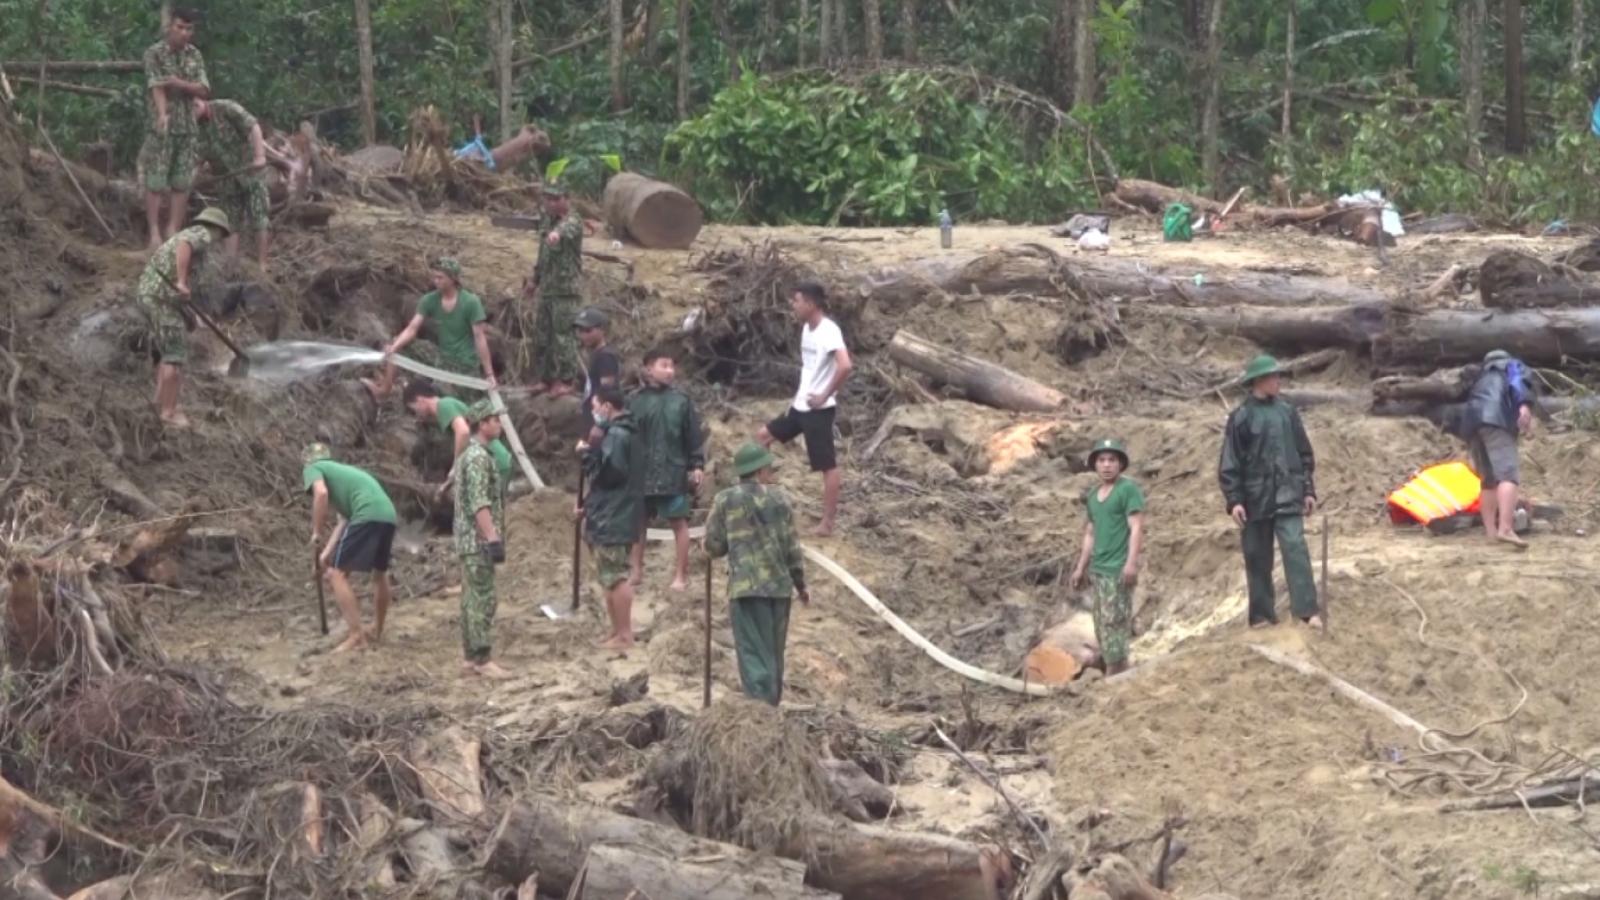 Phát hiện vị trí có nhiều vật dụng của người mất tích ở Trà Leng